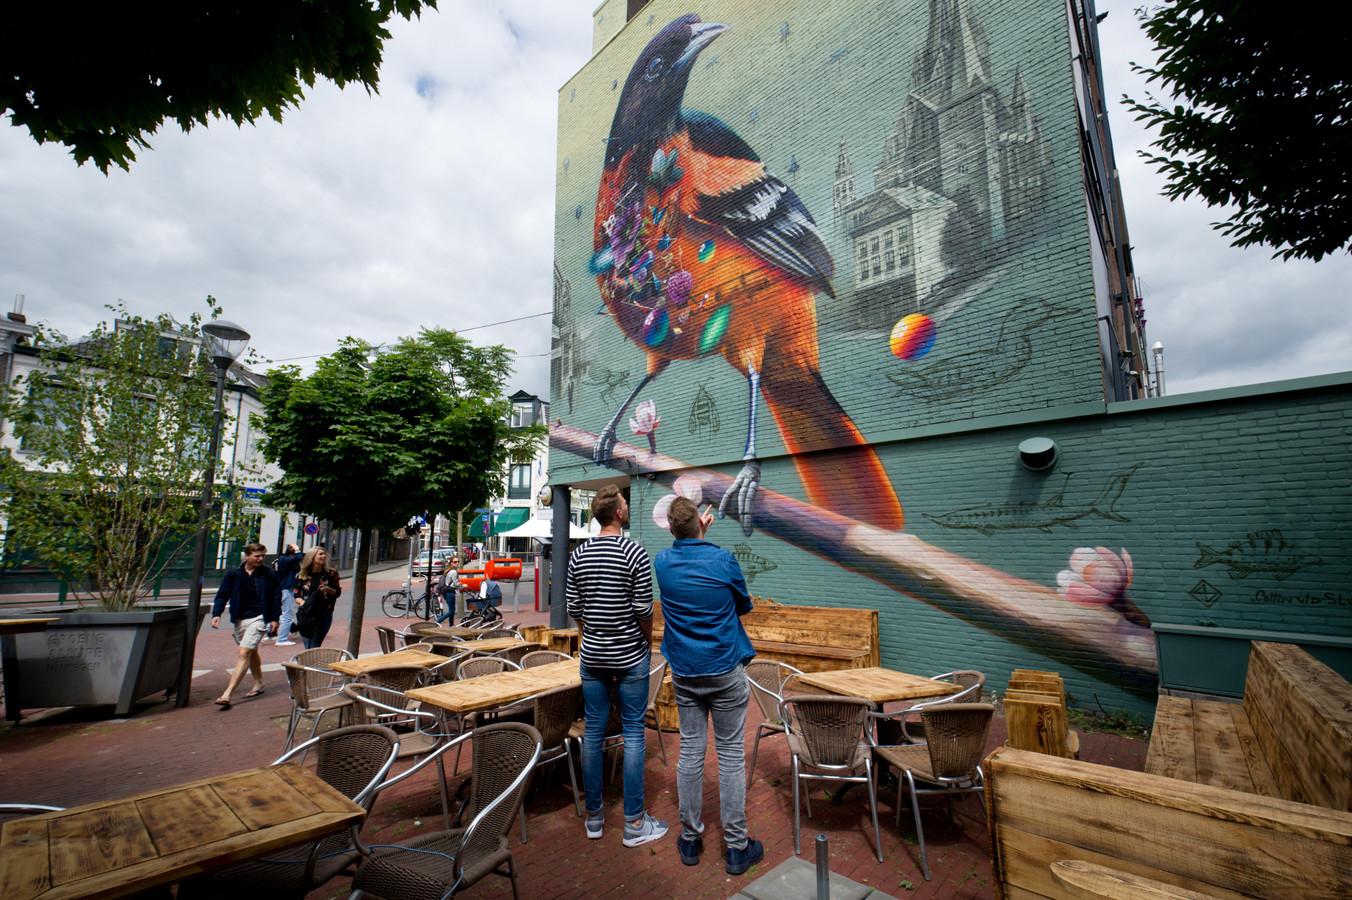 Muurschildering van Super A en Collin van der Sluijs op gevel van café van Deelen aan de Bloemerstraat in Nijmegen.